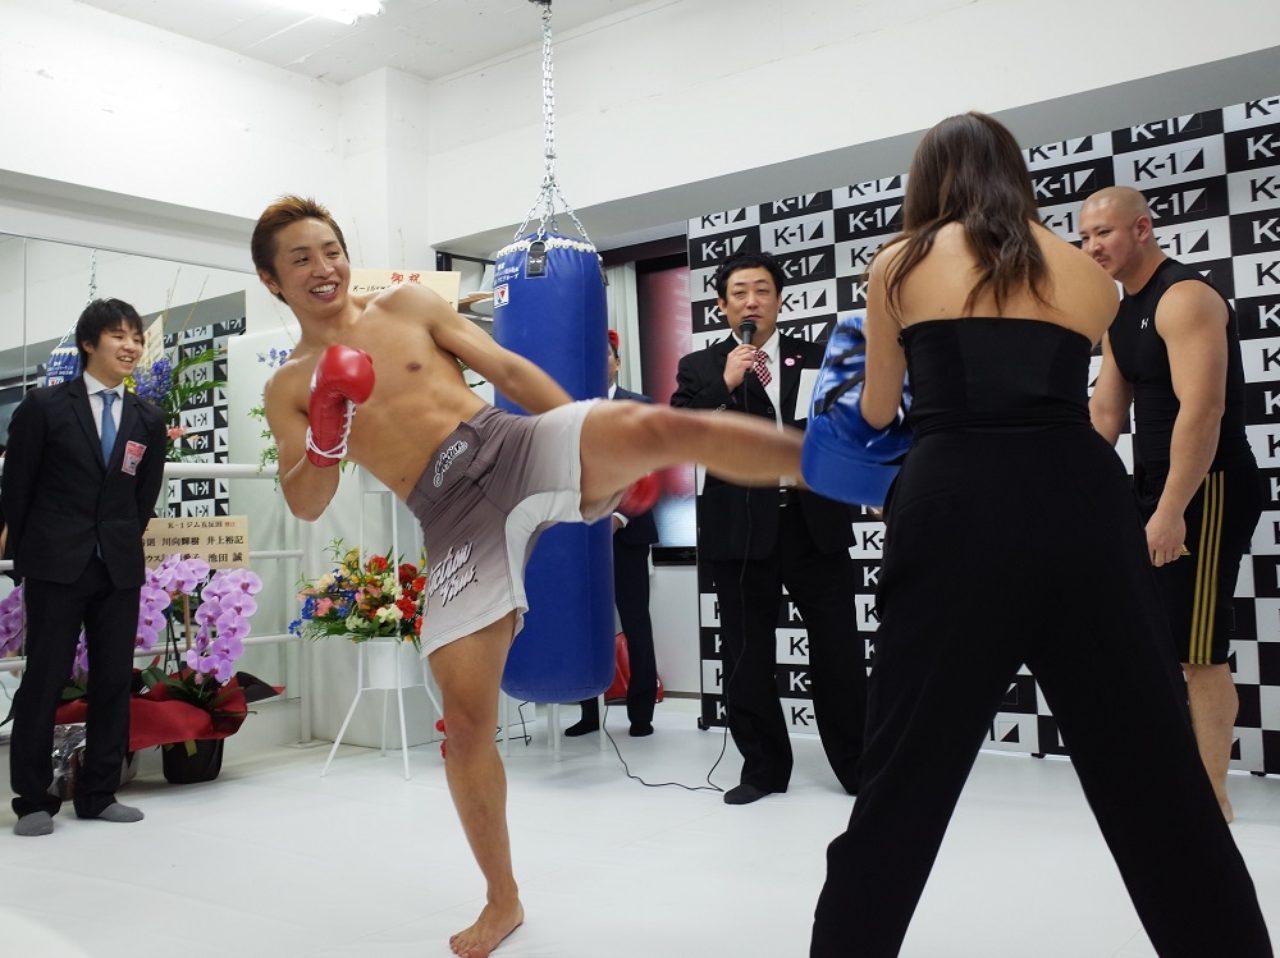 画像: -1ガールズのリーダー、柳いろはさんが優太選手の蹴りを体験! ちょっと及び腰! www.tokyoheadline.com